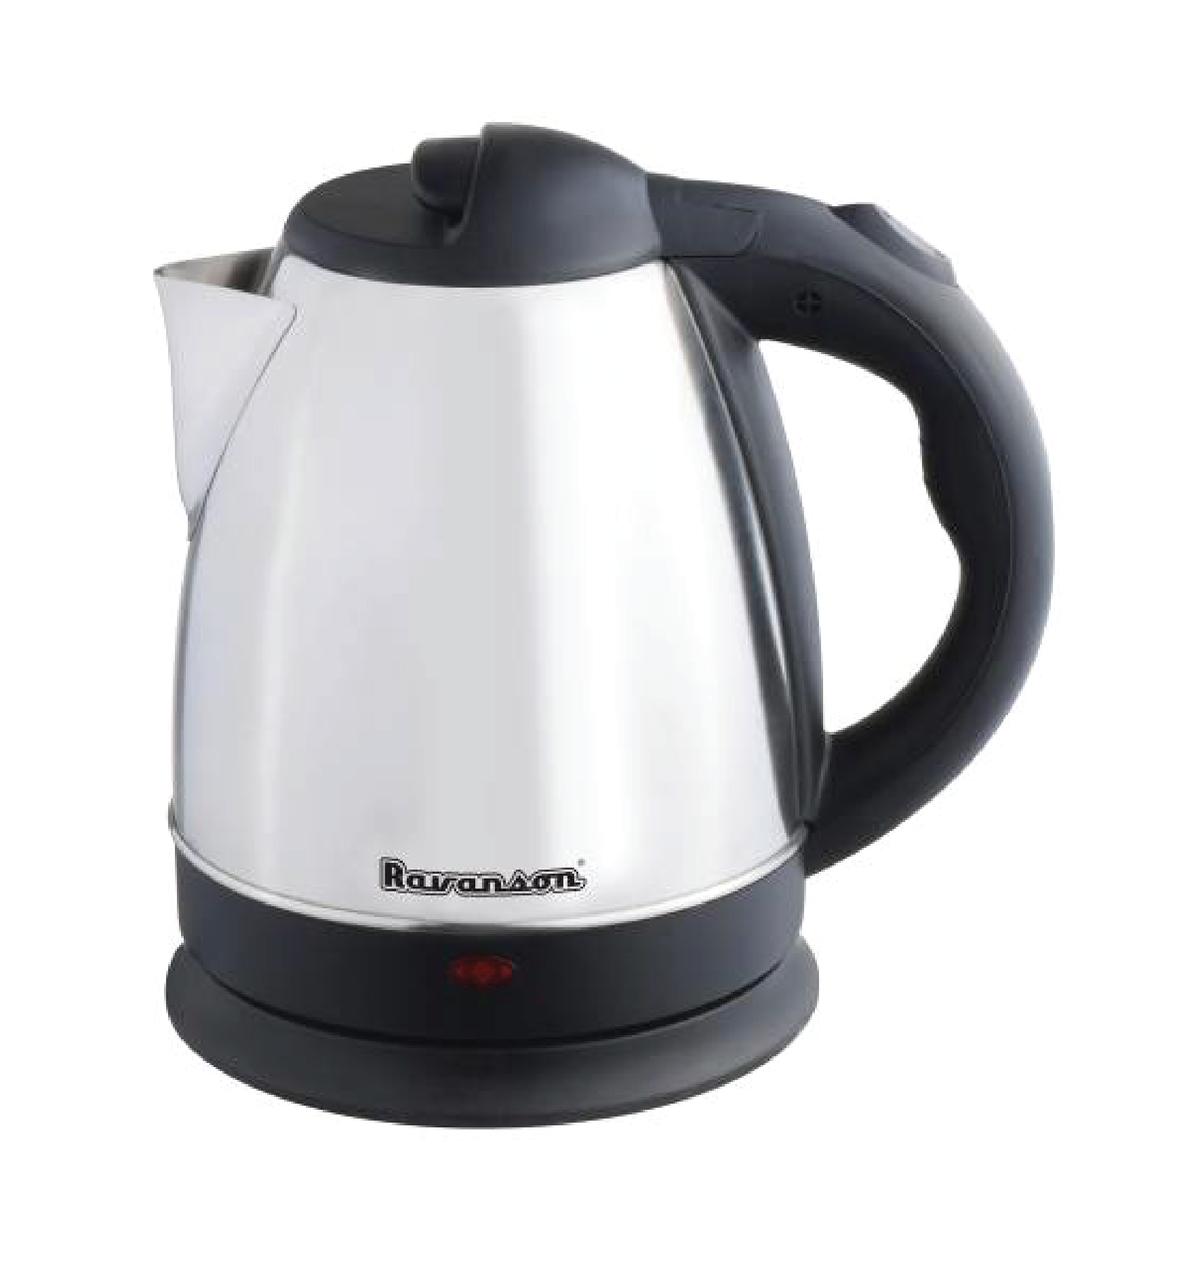 Електричний чайник 1.8 л Ravanson